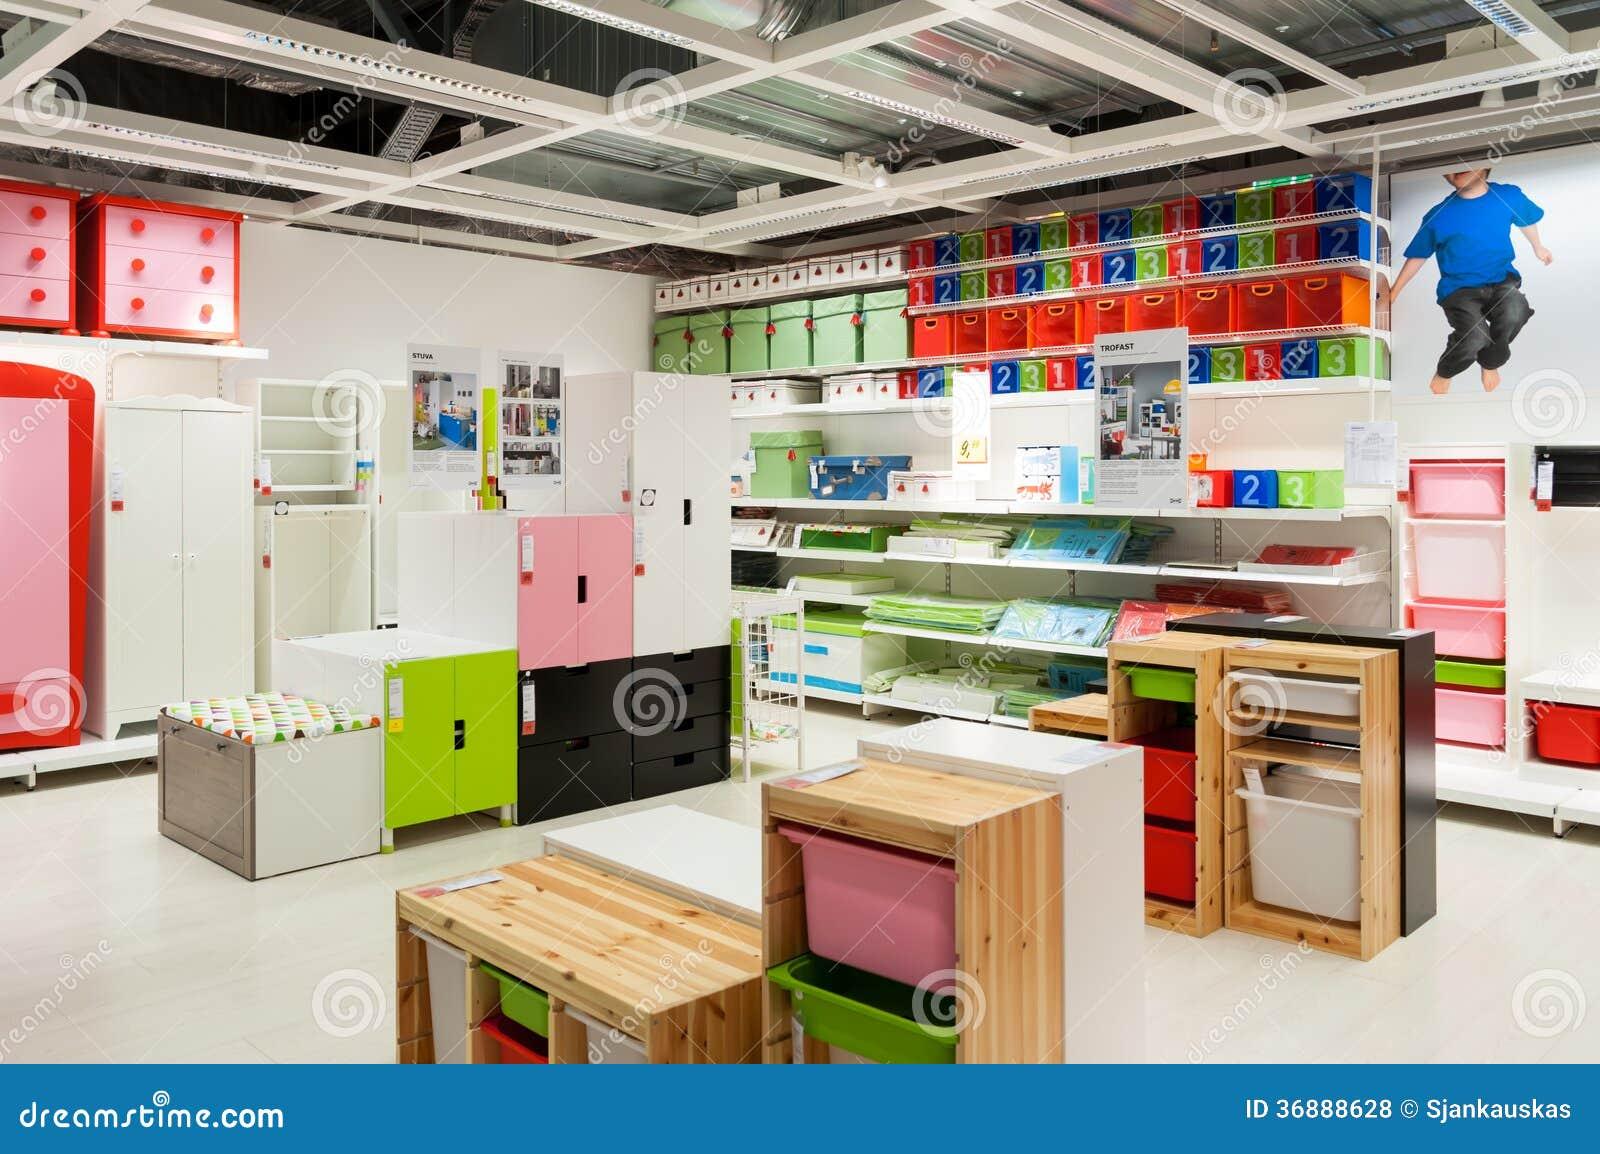 La tienda de muebles de ikea embroma zona foto de archivo - Muebles para ninos ikea ...